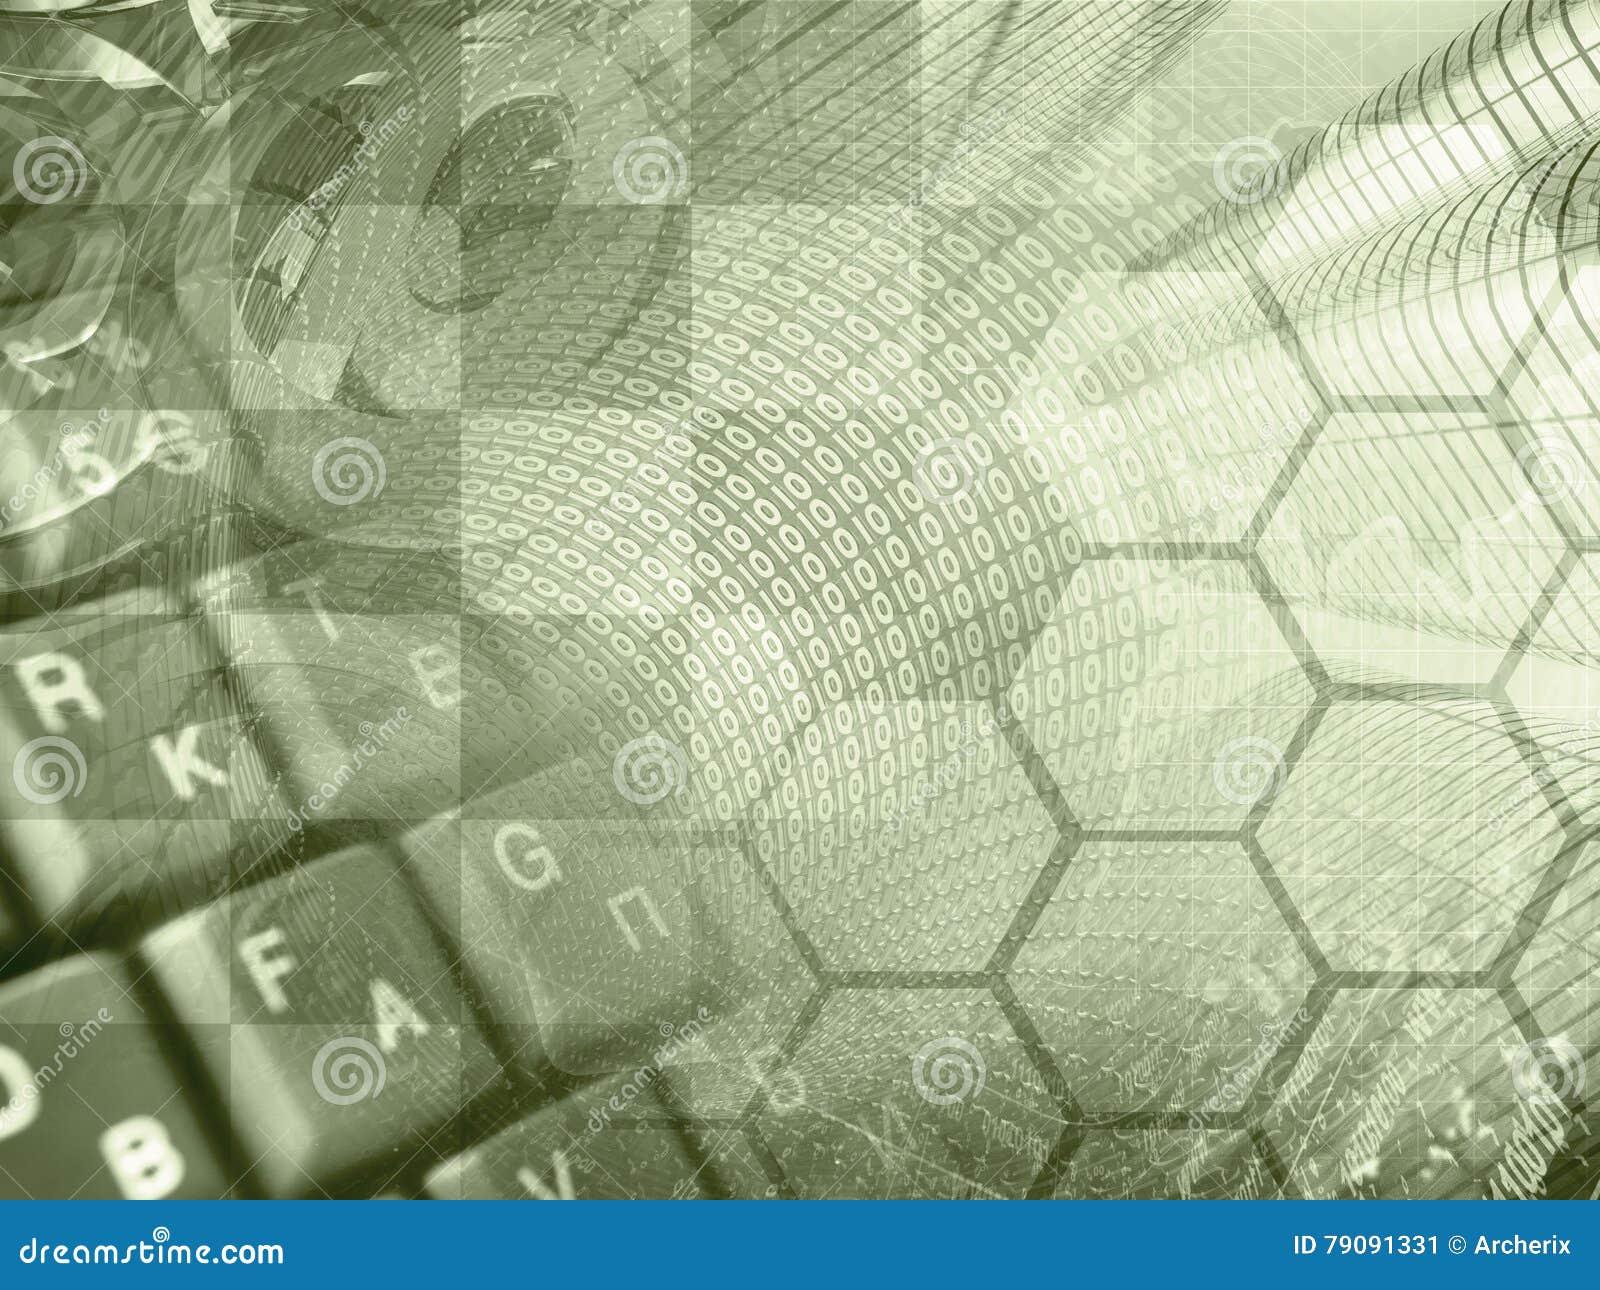 αφηρημένος υπολογιστής σύνθεσης ανασκόπησης εννοιολογικός